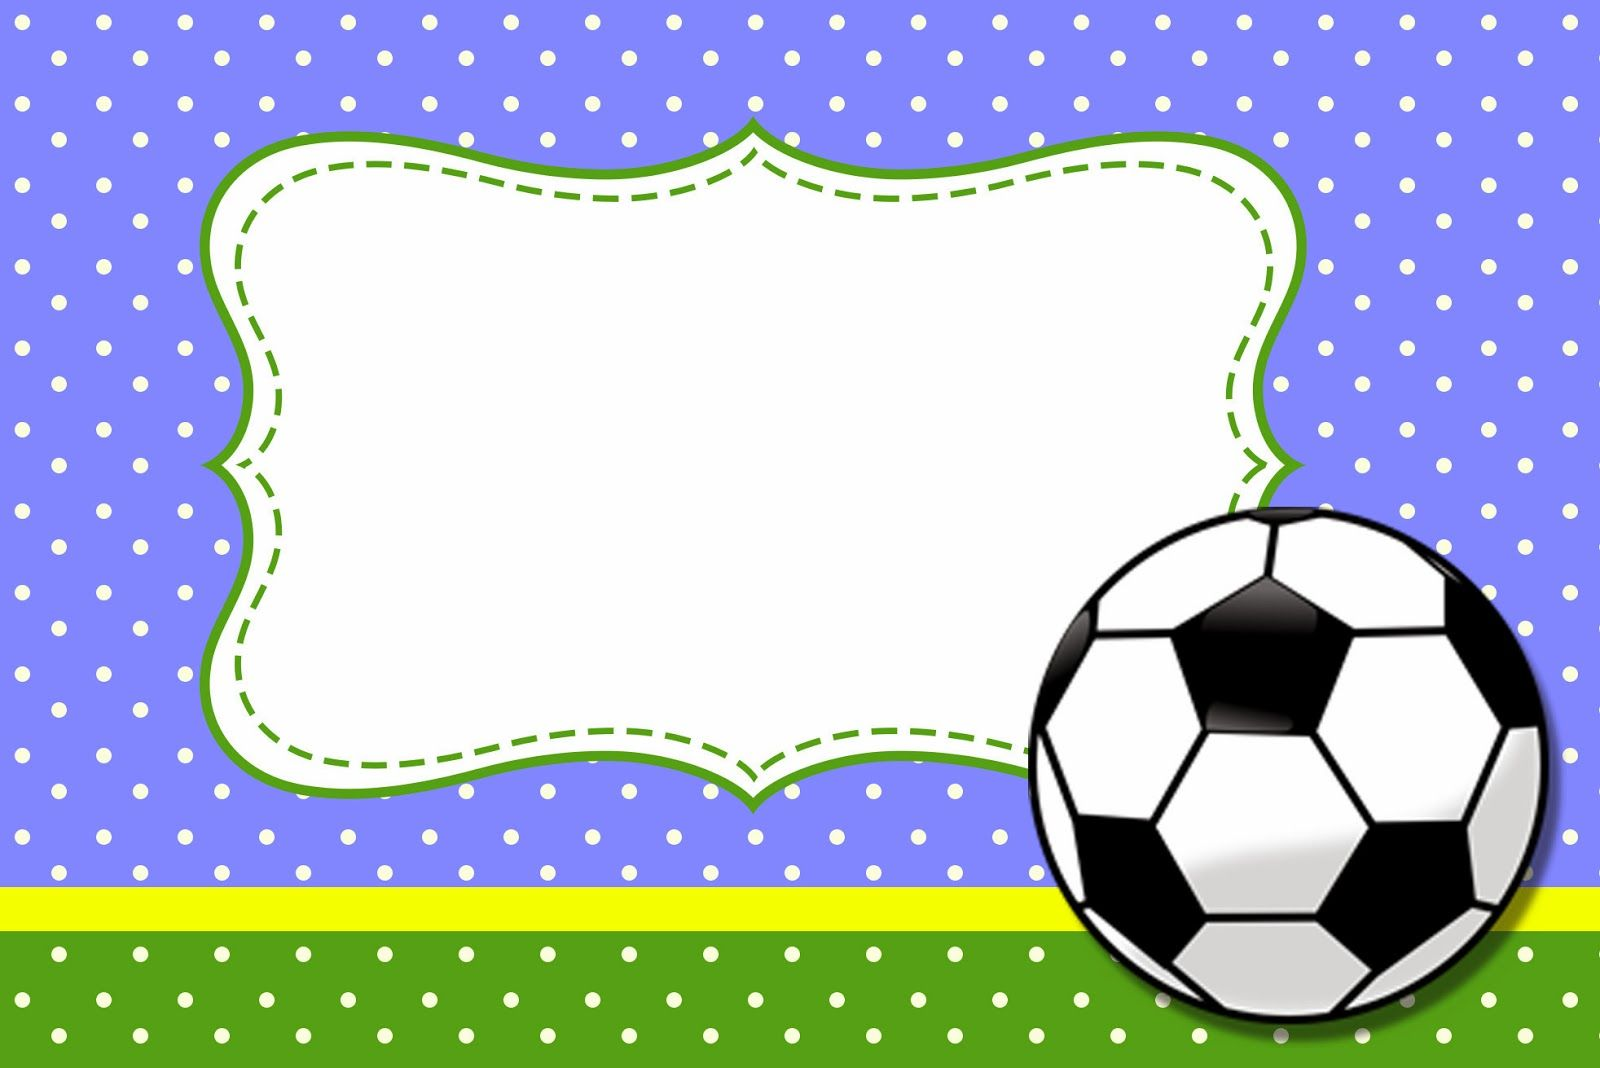 Fútbol Tarjetas O Invitaciones Para Imprimir Gratis Tarjetas De Cumpleaños Infantiles Invitaciones Para Imprimir Tarjetas De Feliz Cumpleaños